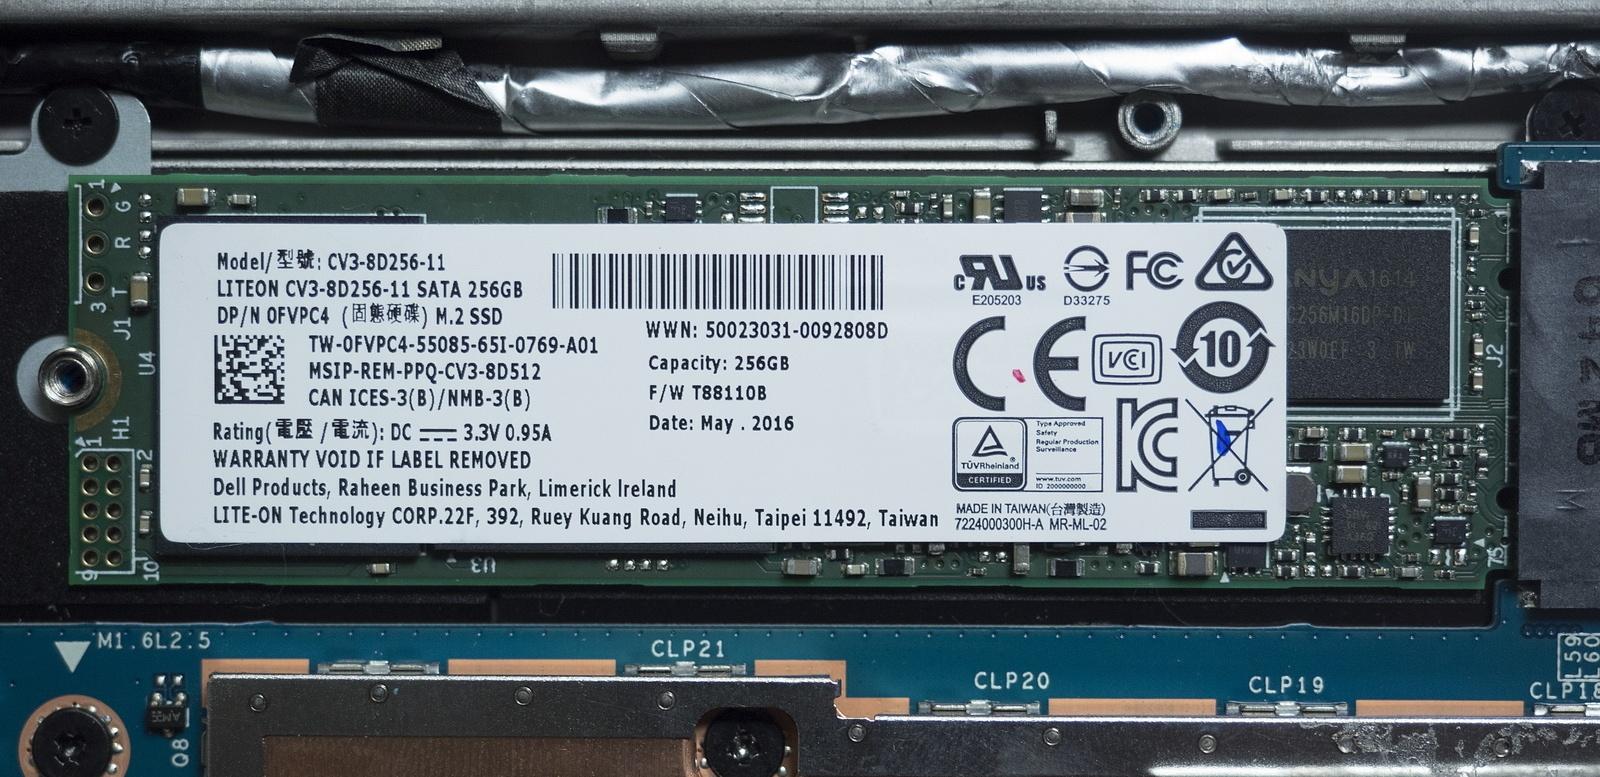 Обзор ультрабука Dell Latitude 13 (7370): Без шума, пыли и сомнений - 6